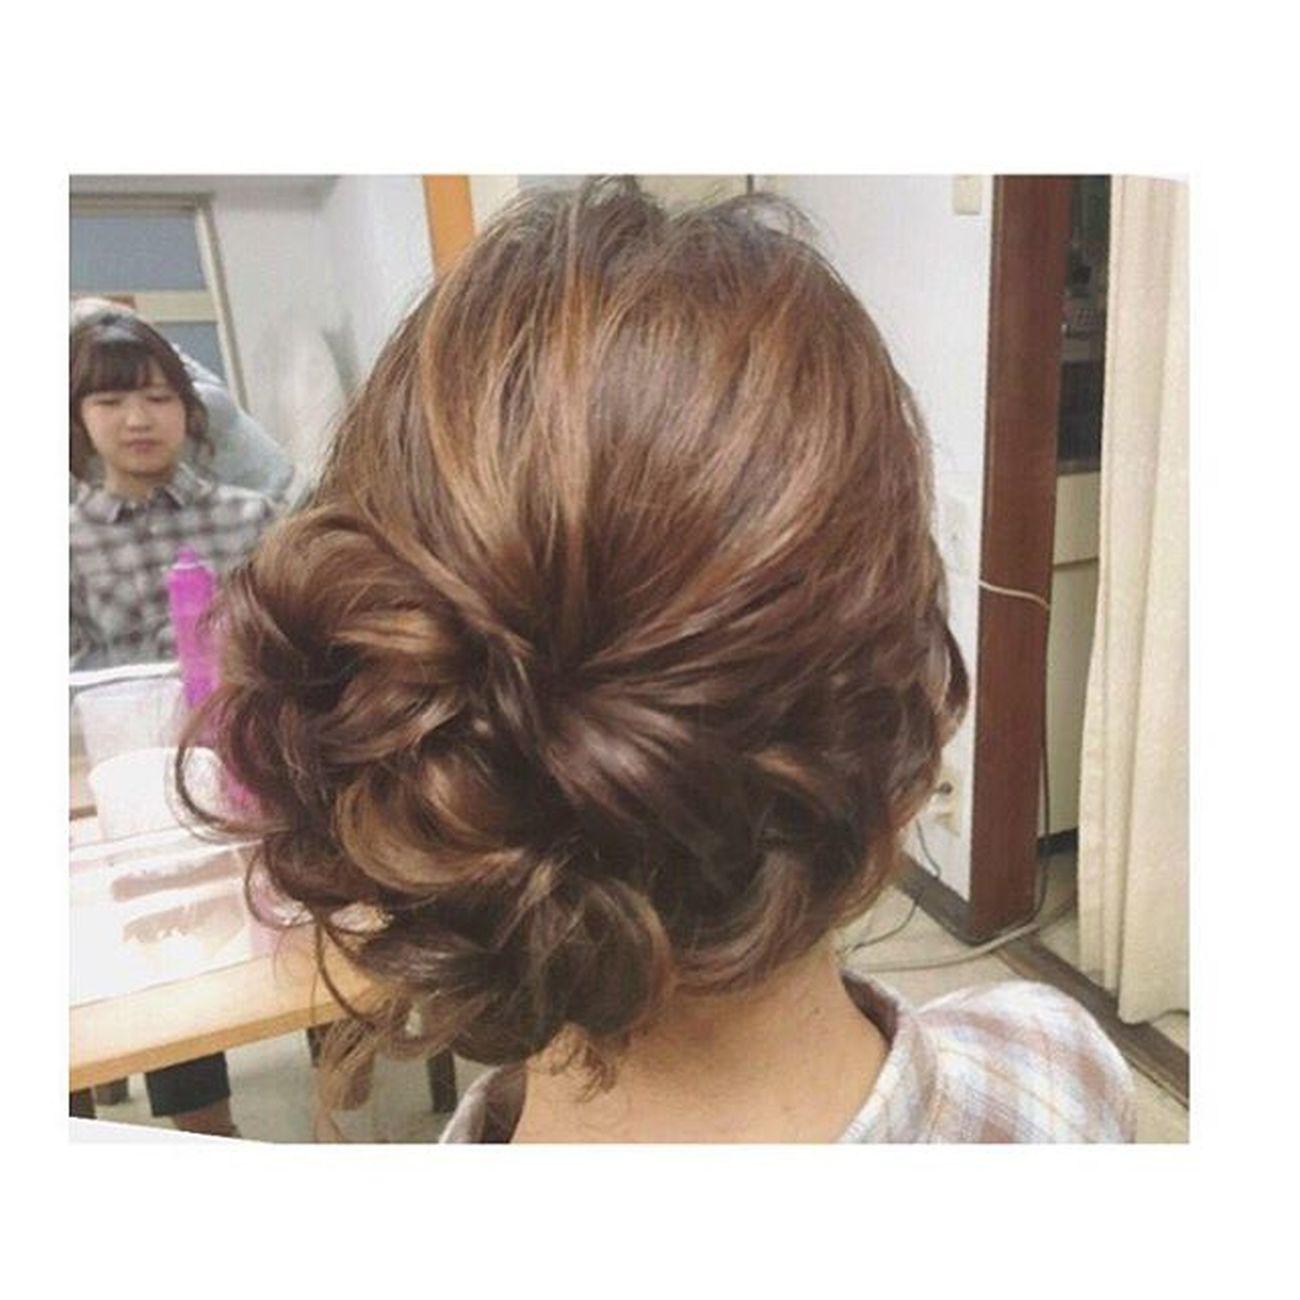 ヘアセット Hairアレンジ ヘアアレンジ Hair 美容院 錦 セットサロン 成人式 ヘアー 成人式のお客様♡